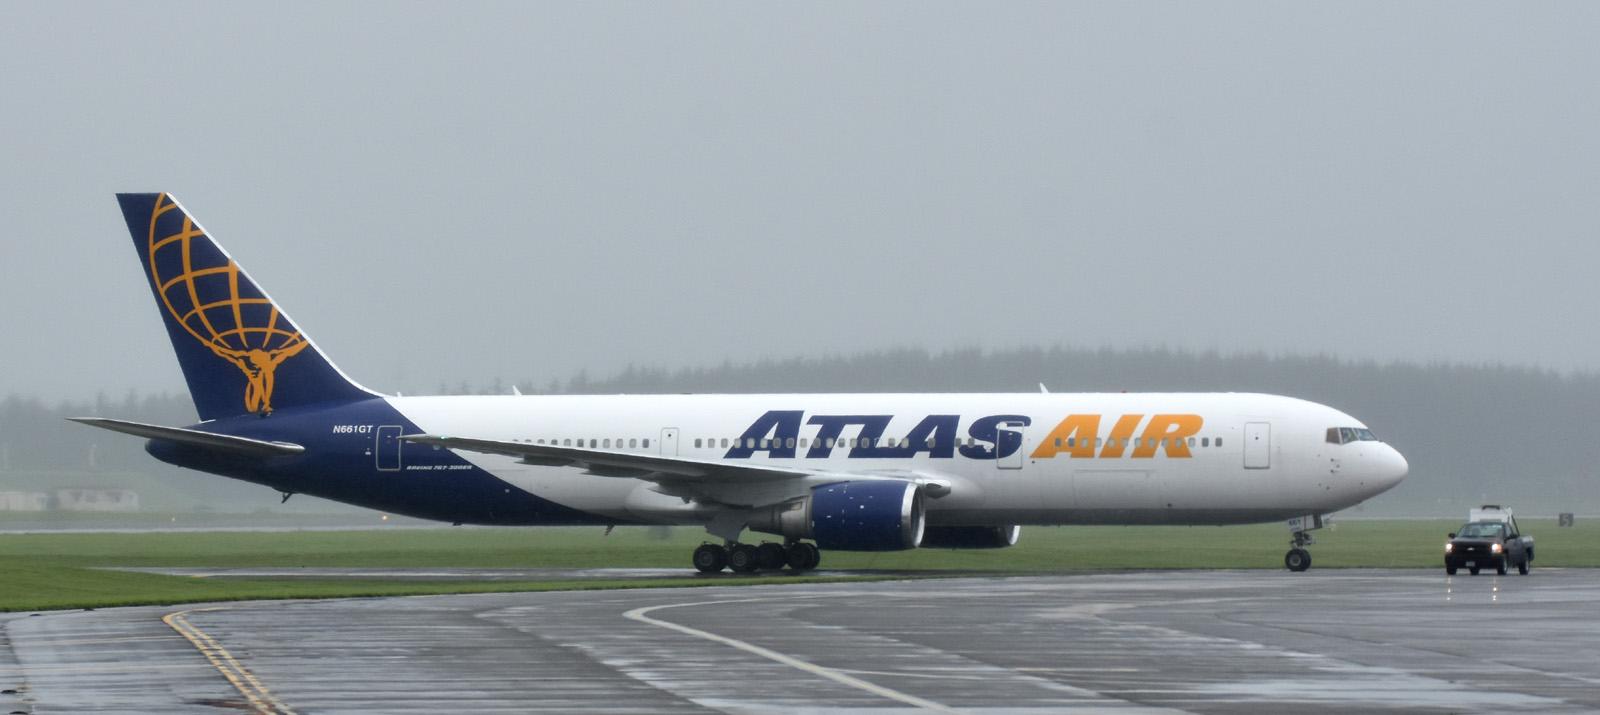 Atlas170816g213